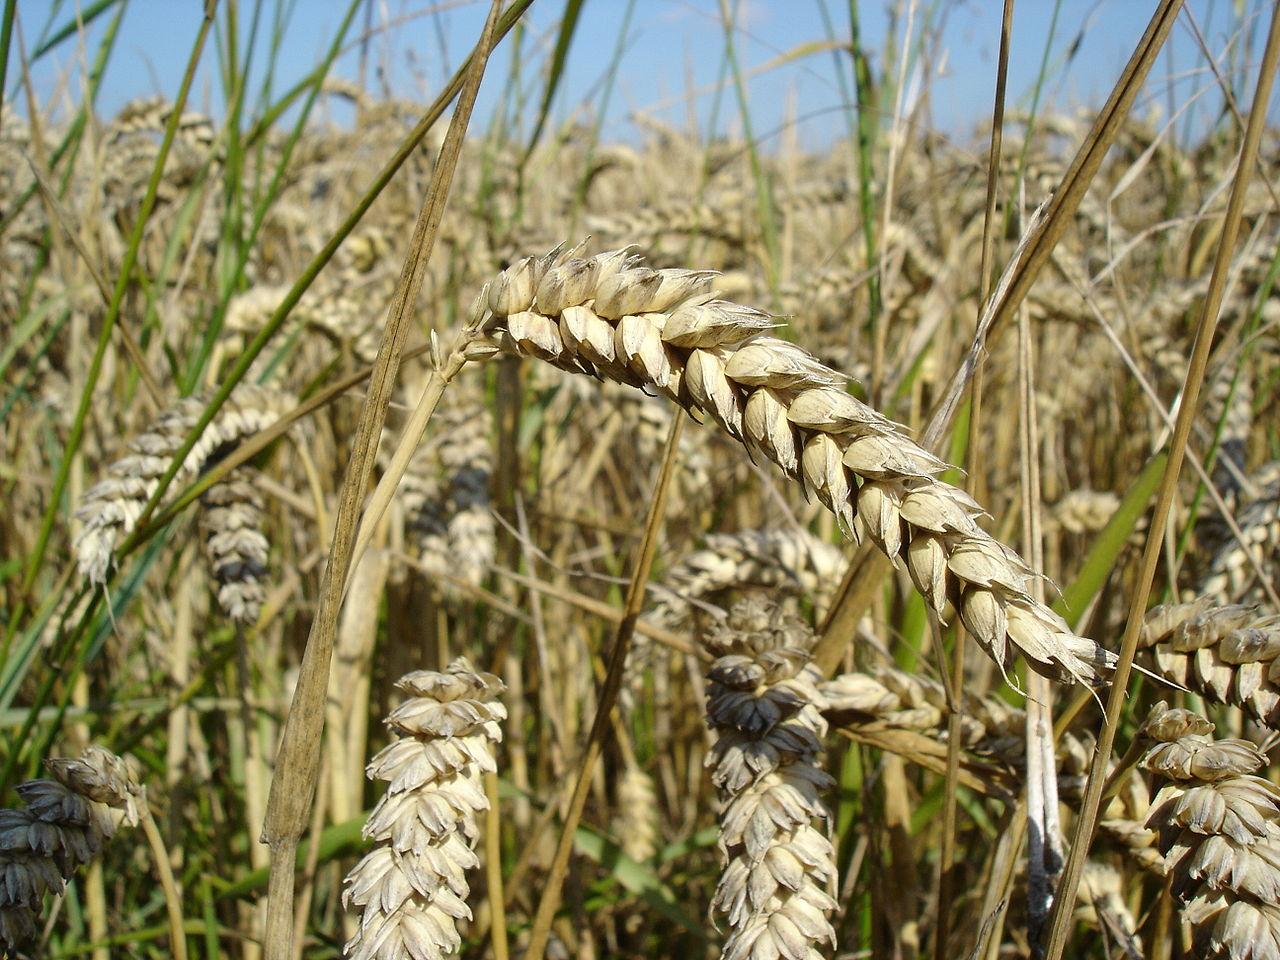 Espigas de trigo. Imagen: Bluemoose-Trabajo propio. Disponible bajo la licencia CC BY-SA 3.0 vía Wikimedia Commons.